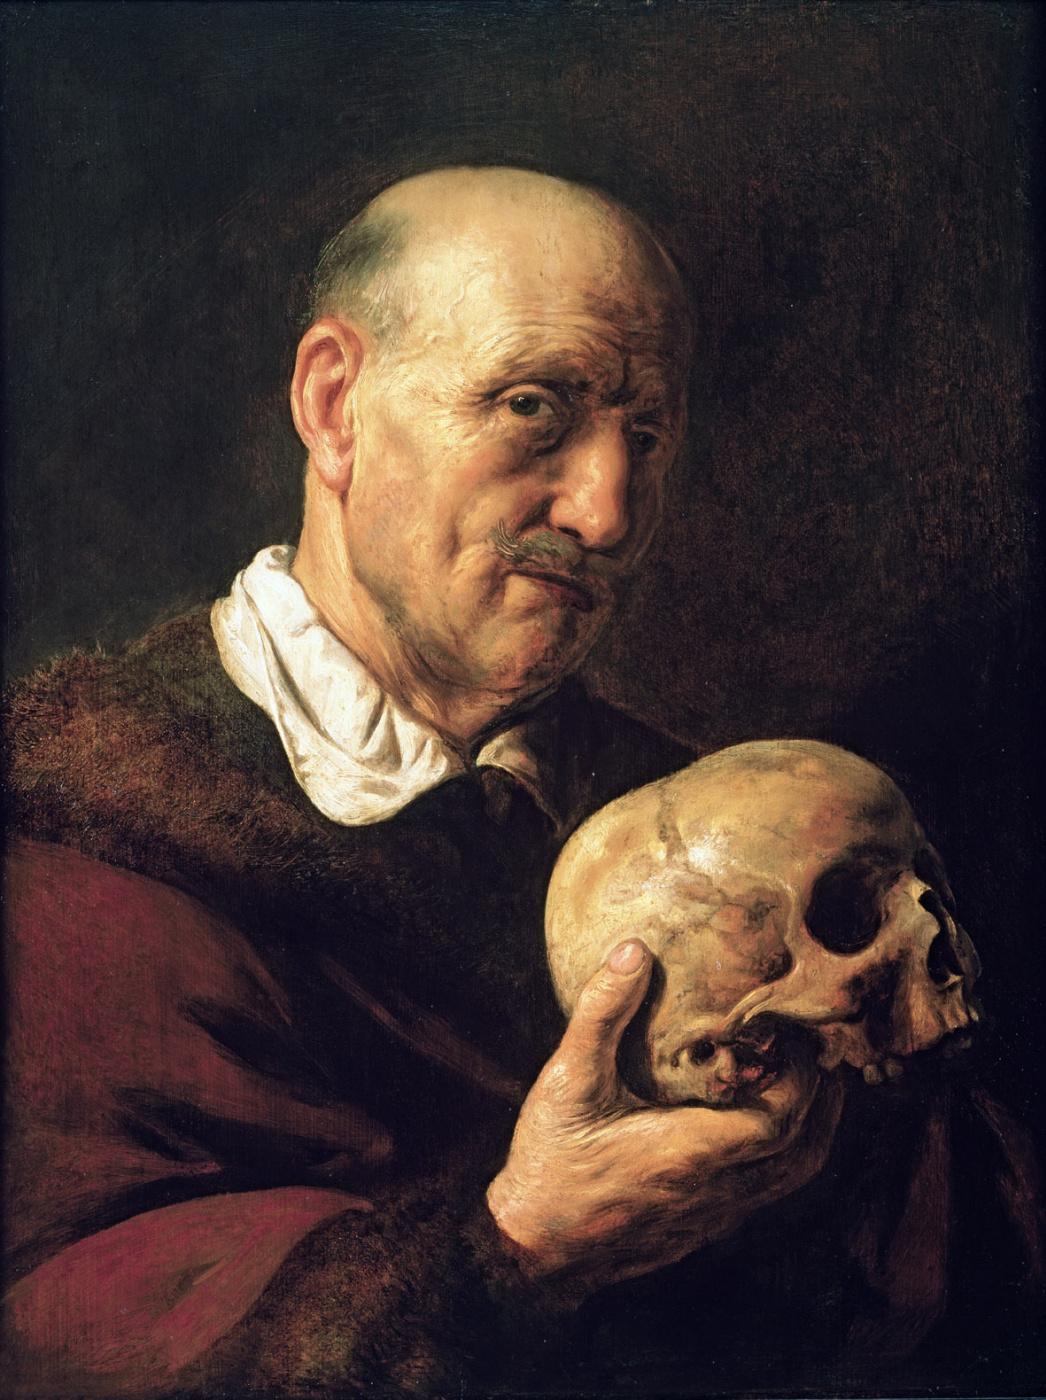 Jan Lievens. Vanitas. An elderly man with a skull